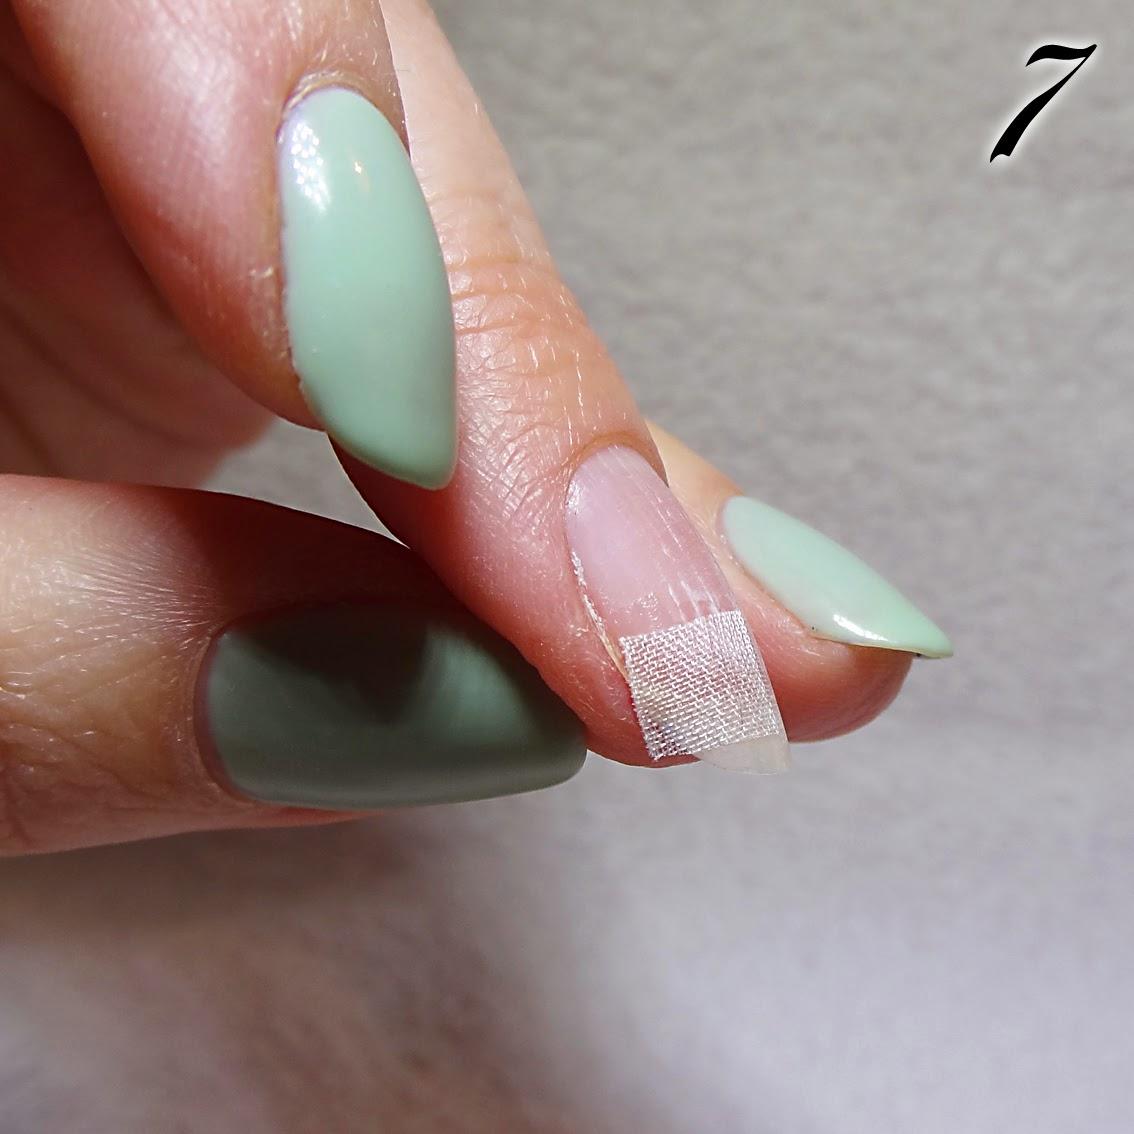 réparer un ongle cassé avec du papier de soie